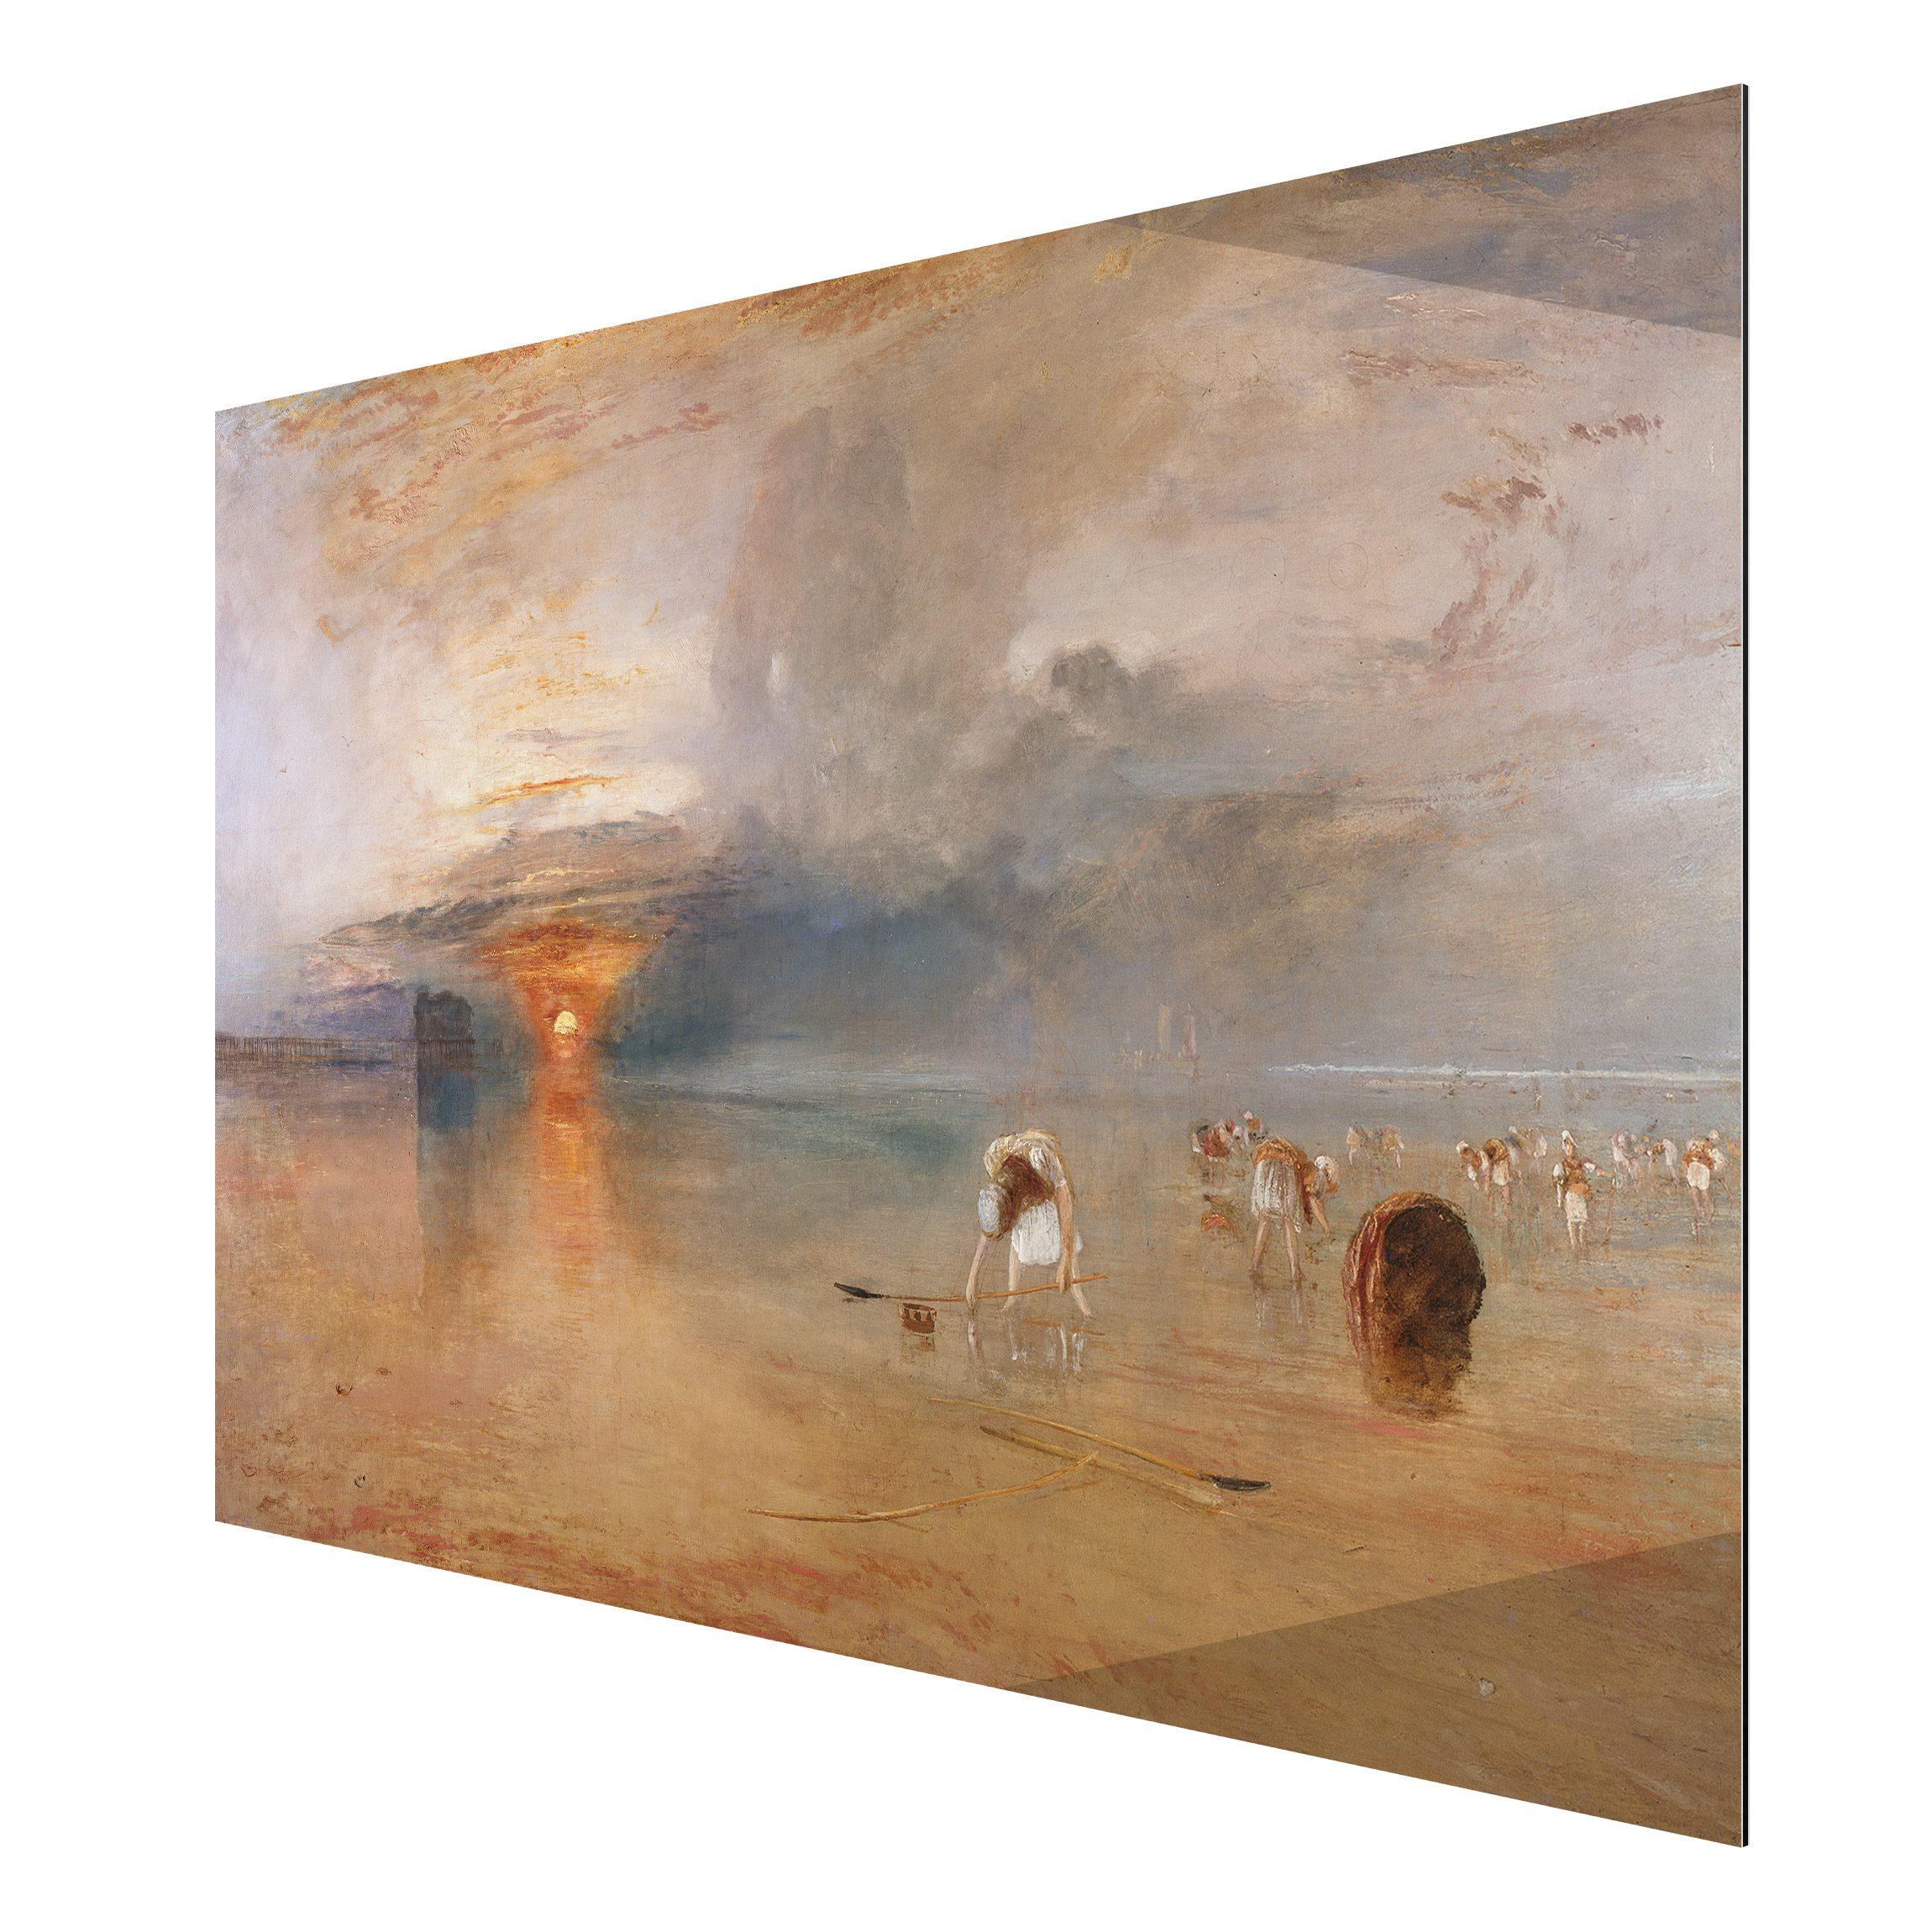 alu dibond kunstdruck william turner strand bei calais fischerfrauen sammeln k der ein. Black Bedroom Furniture Sets. Home Design Ideas